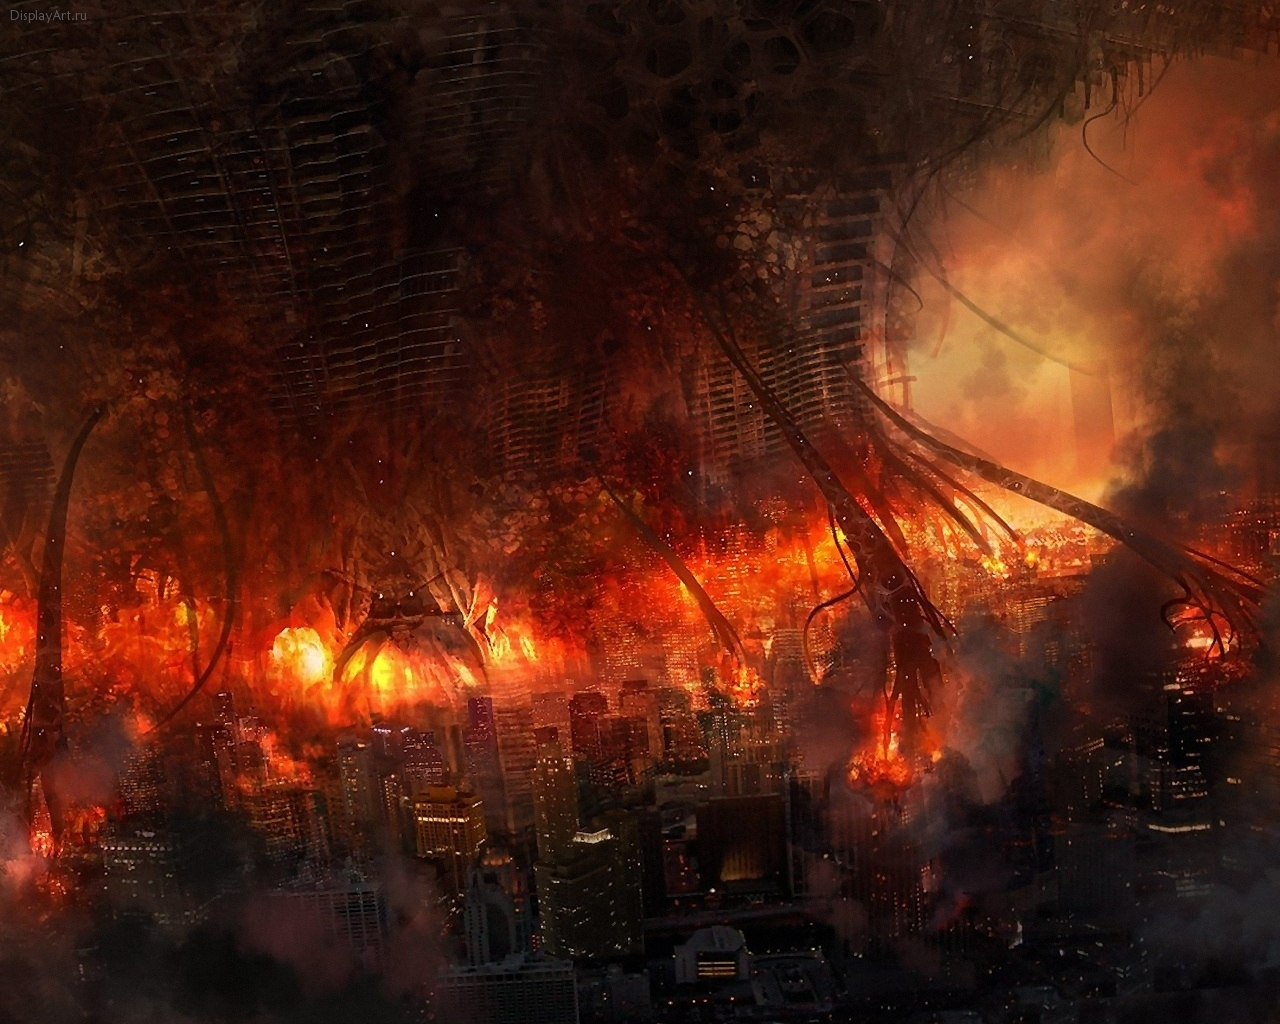 5876 免費下載壁紙 景观, 城市, 火, 死亡 屏保和圖片